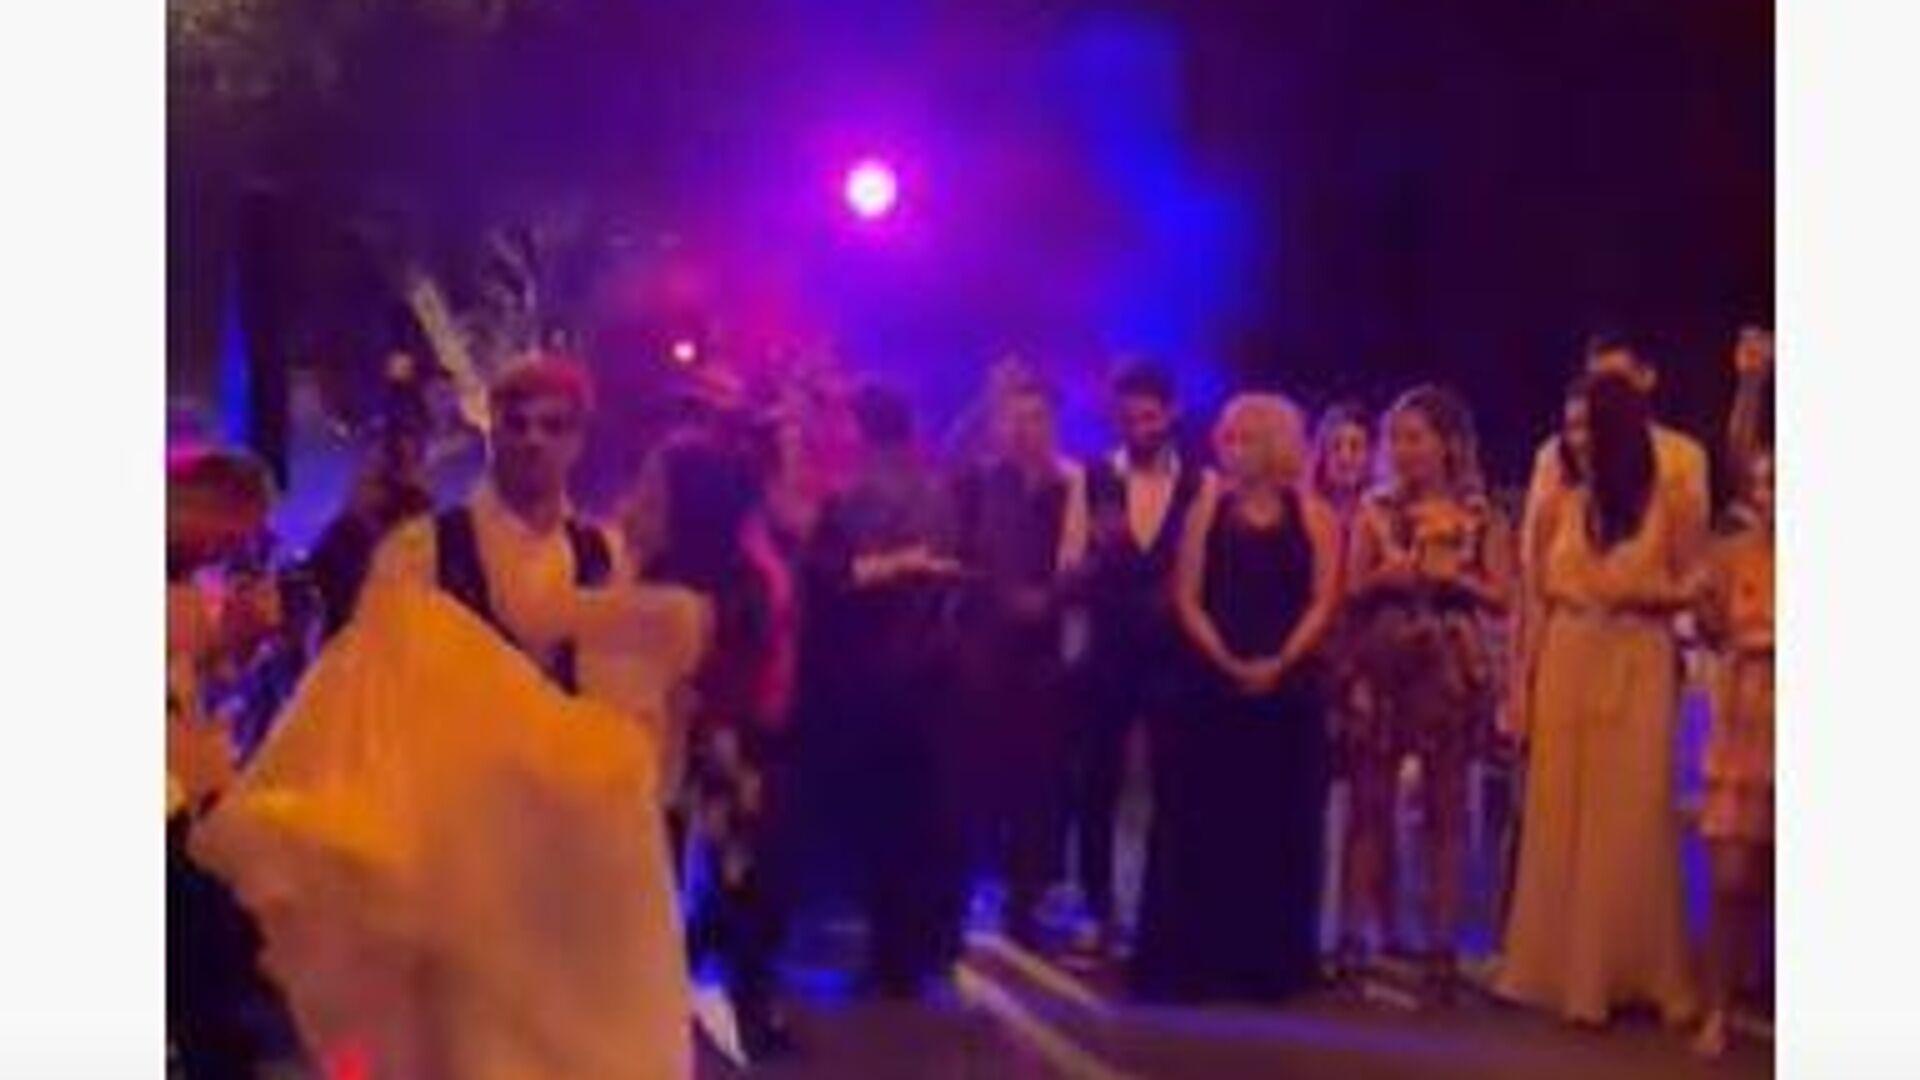 Ο χορός του ζευγαριού στο γάμο Πετρετζίκη - Sputnik Ελλάδα, 1920, 28.09.2021